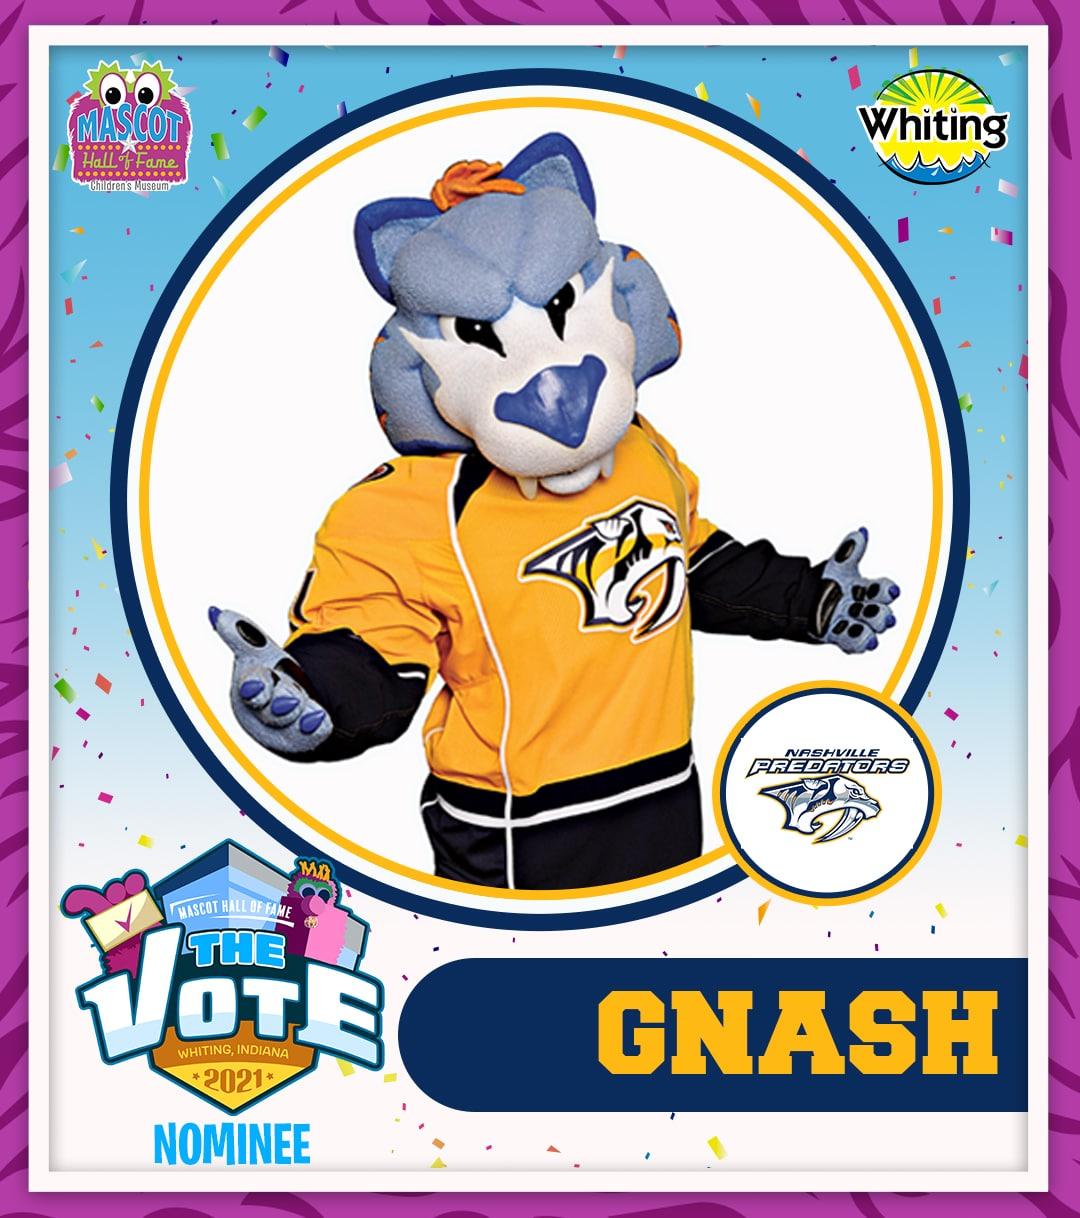 Gnash photo